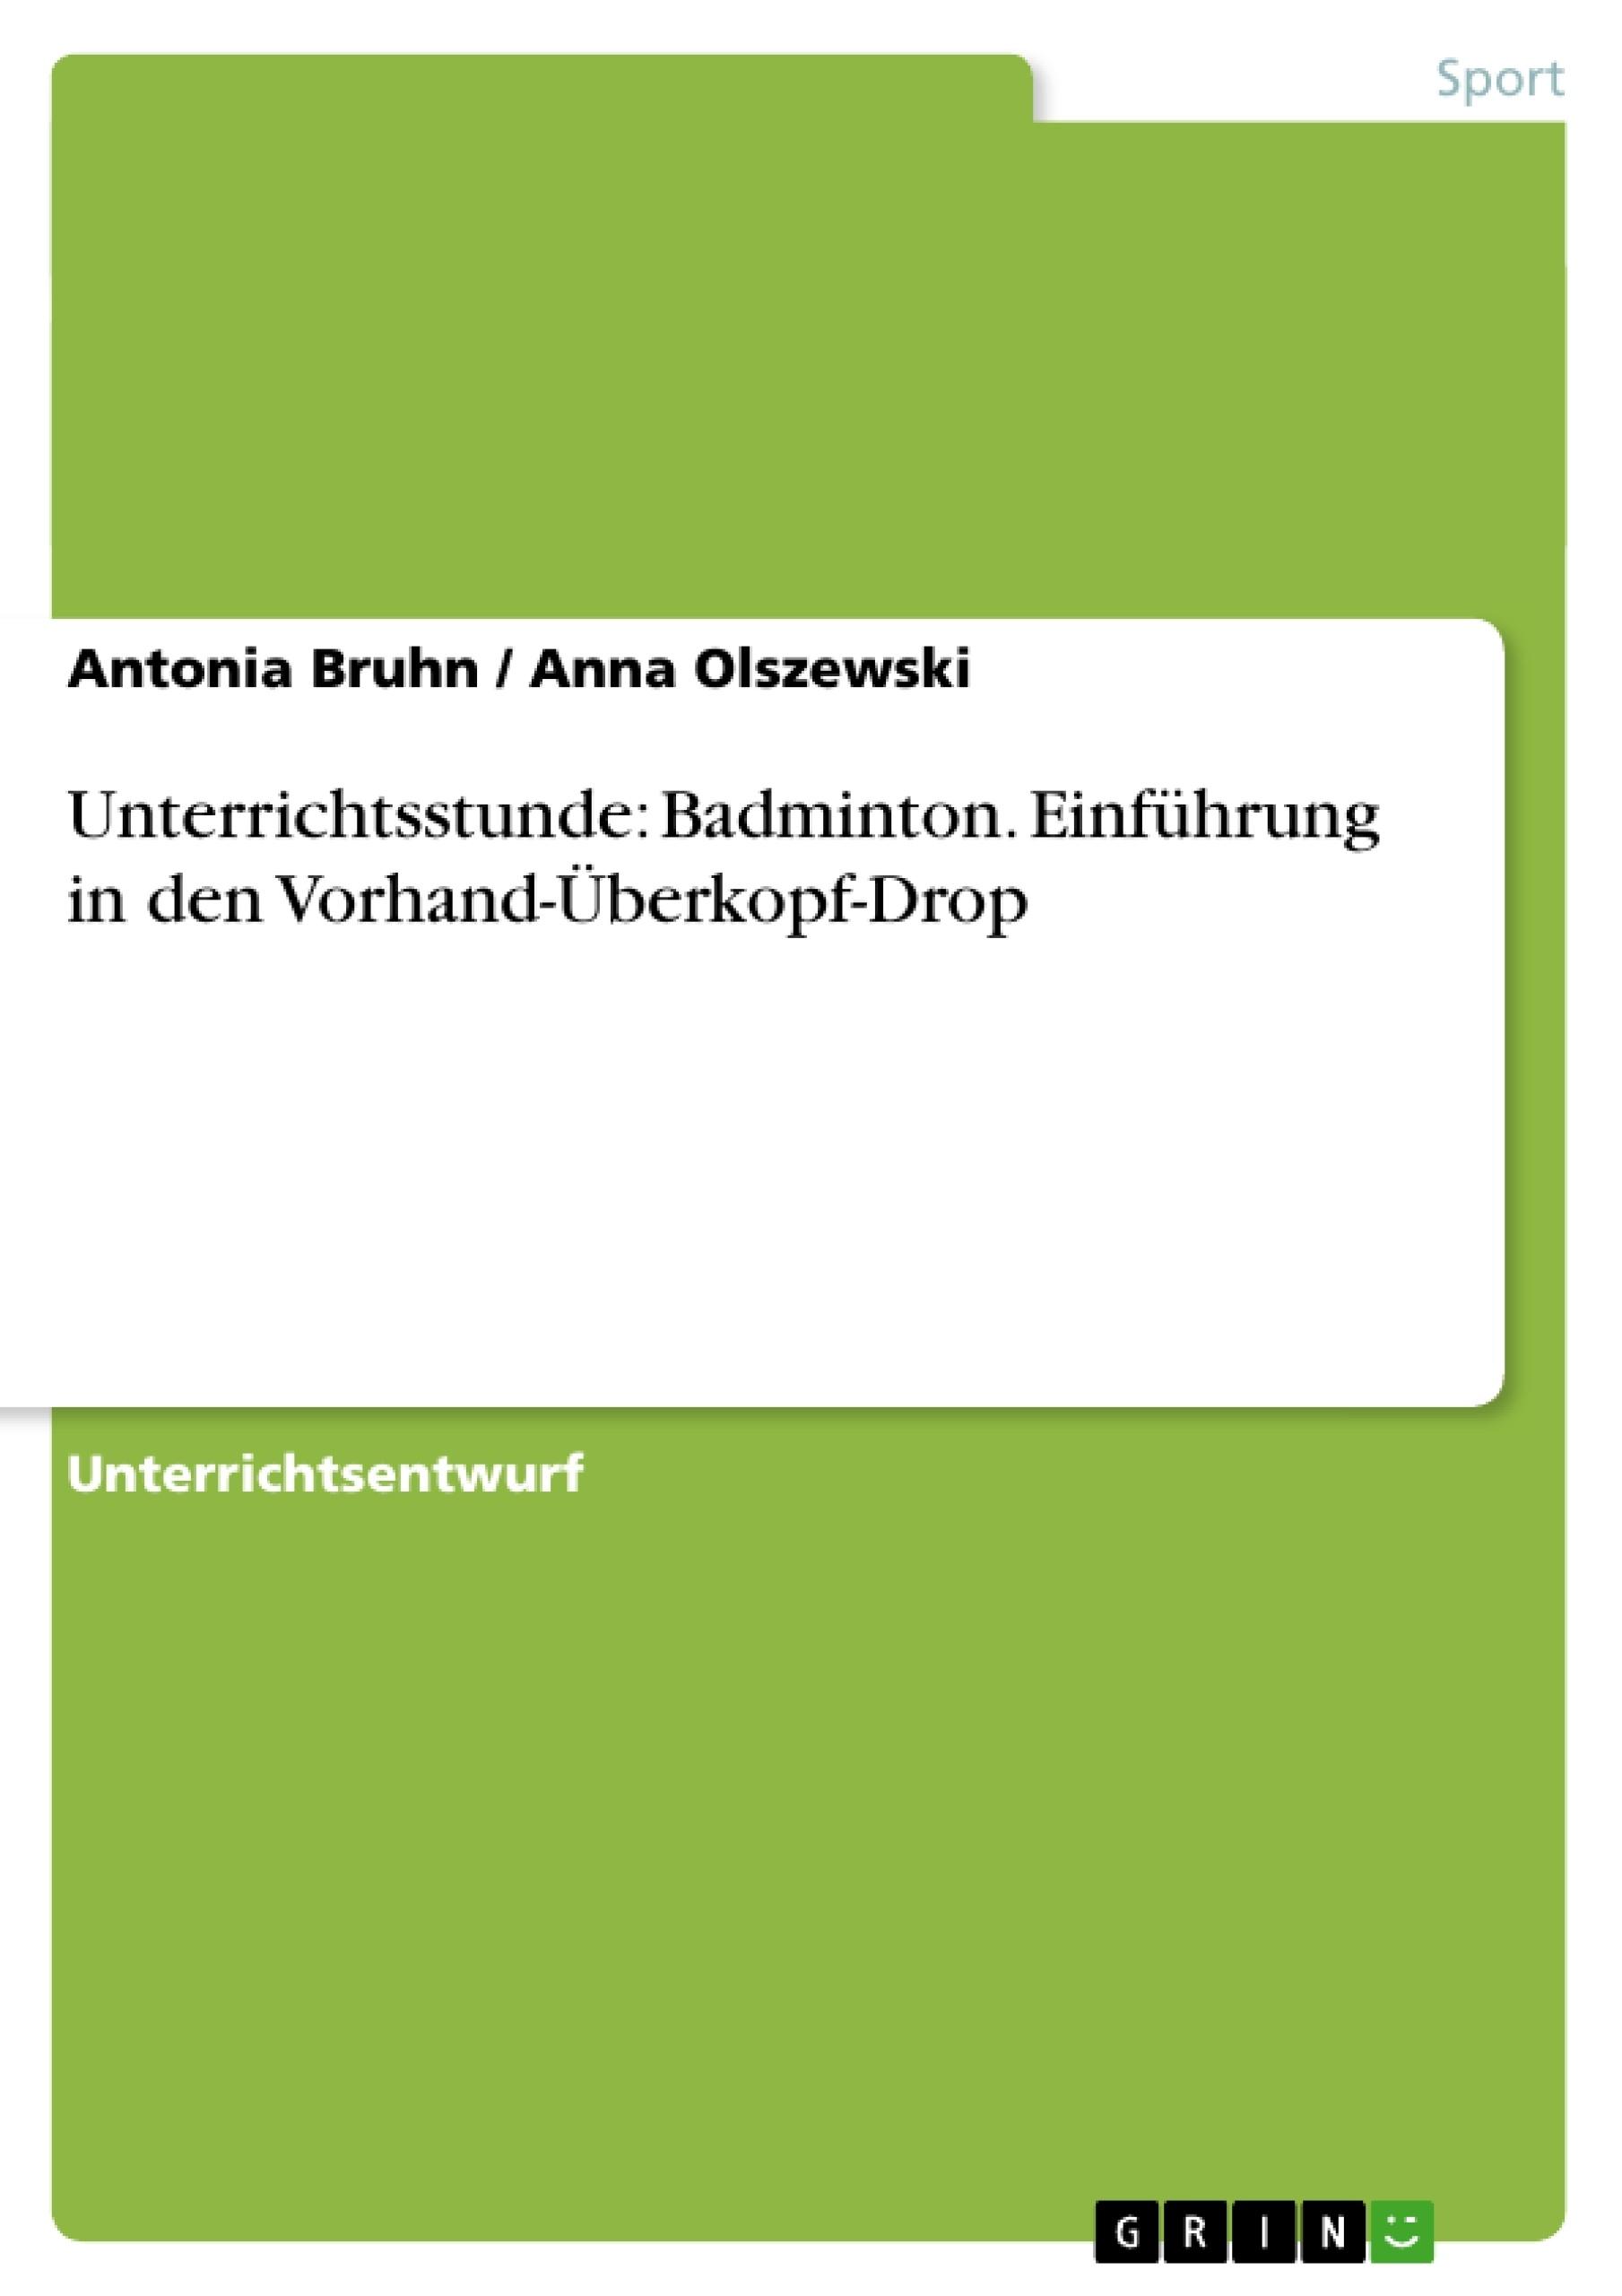 Titel: Unterrichtsstunde: Badminton. Einführung in den Vorhand-Überkopf-Drop